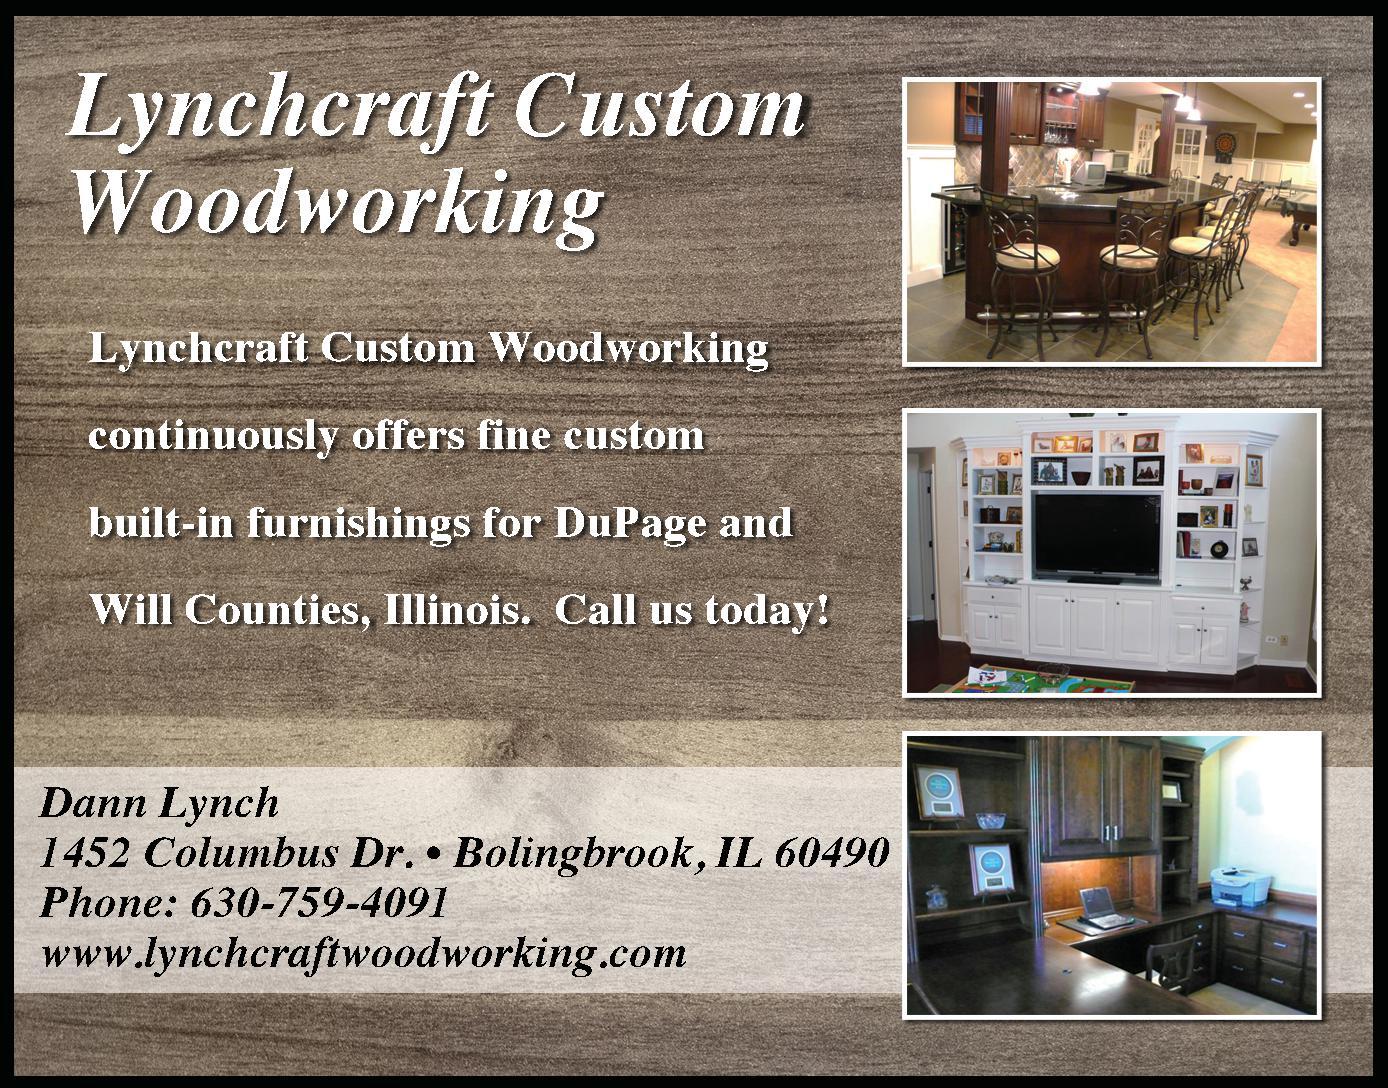 Lynchcraft Custom Woodworking